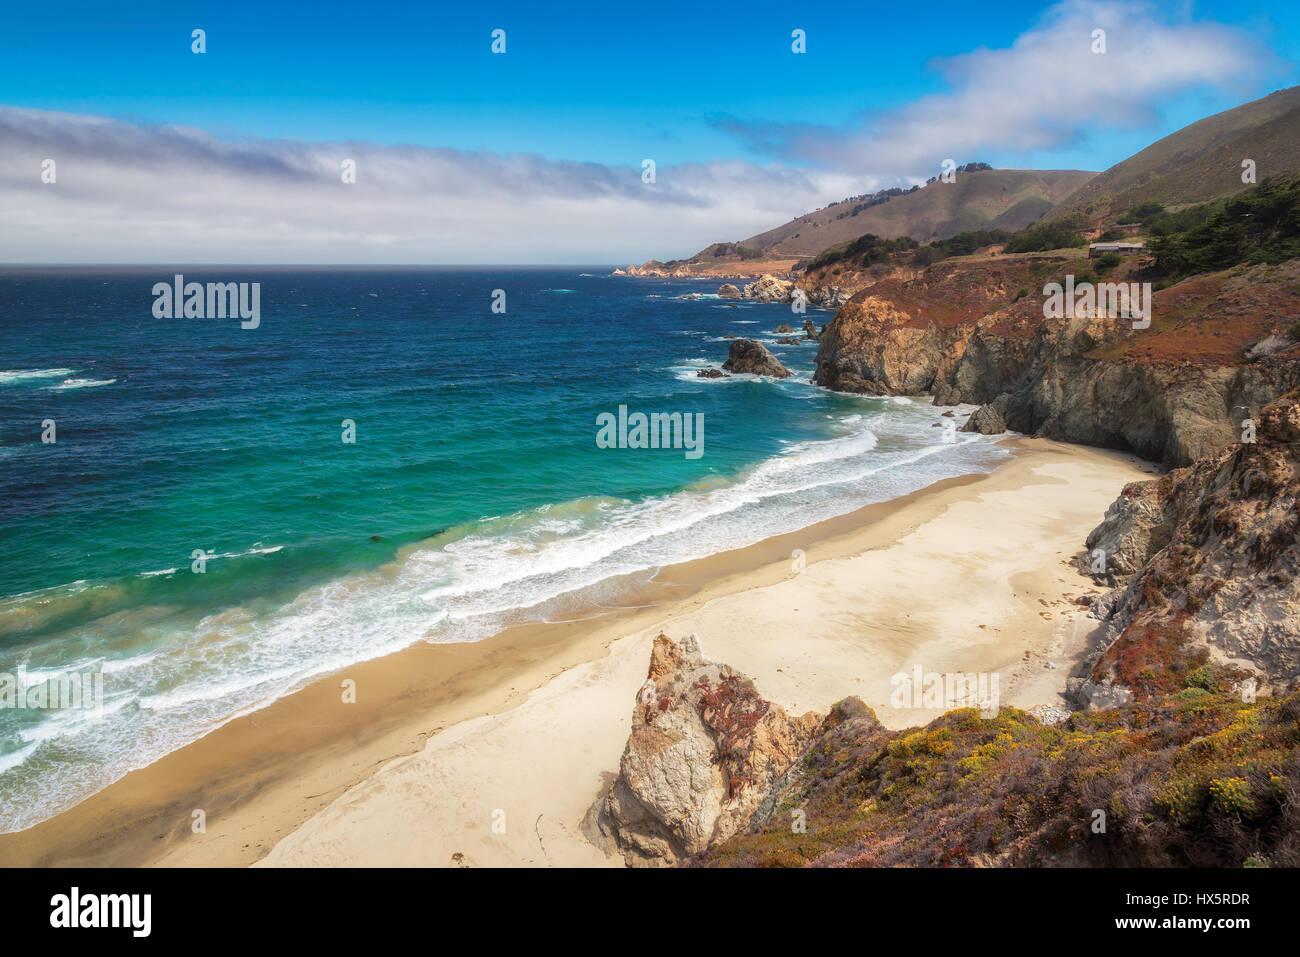 Hermosa vista de la playa de California, la costa del Pacífico, cerca de la carretera estatal 1. Foto de stock